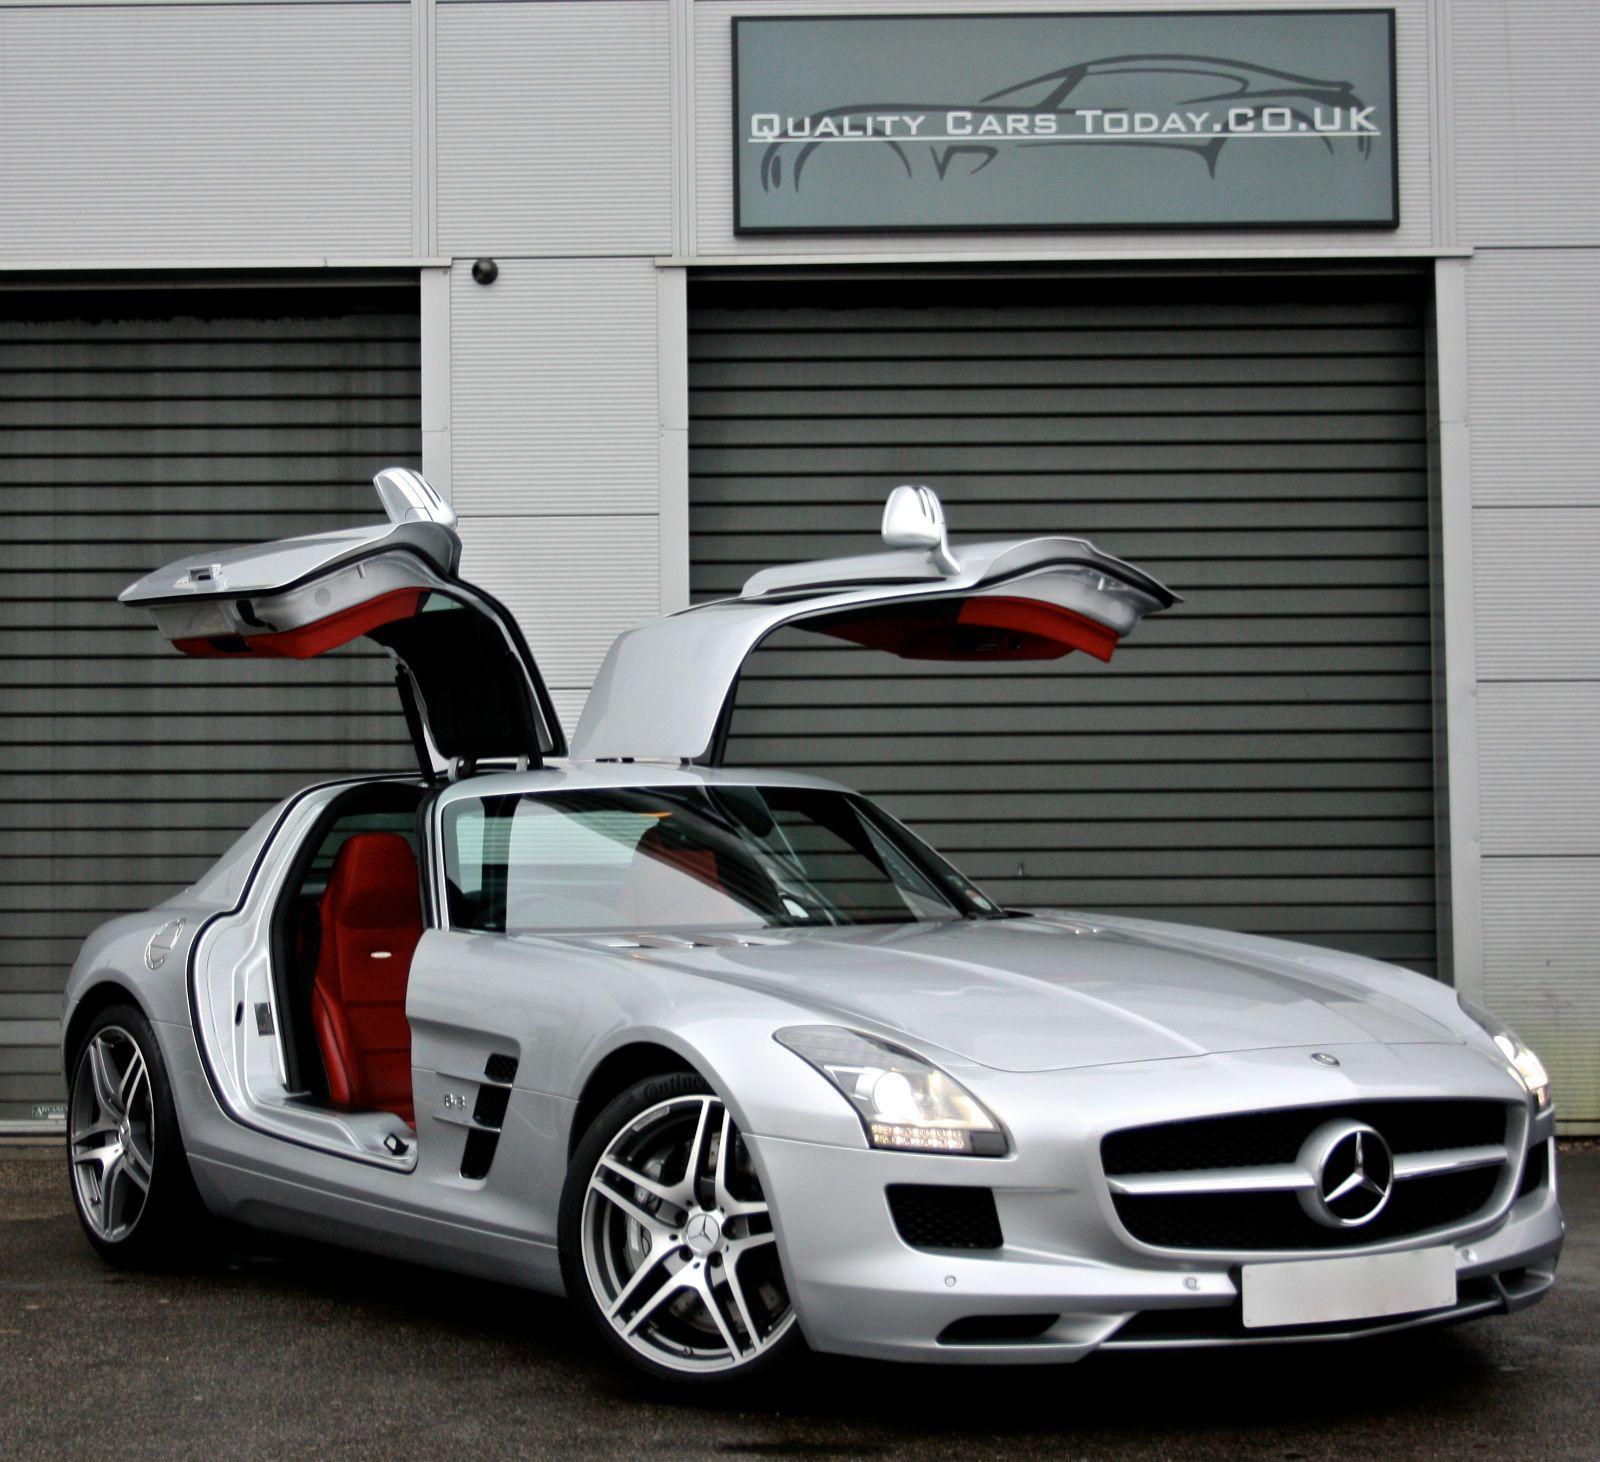 Mercedes Benz Sls 63 Amg 6 2 V8 Iridium Silver Designo Classic